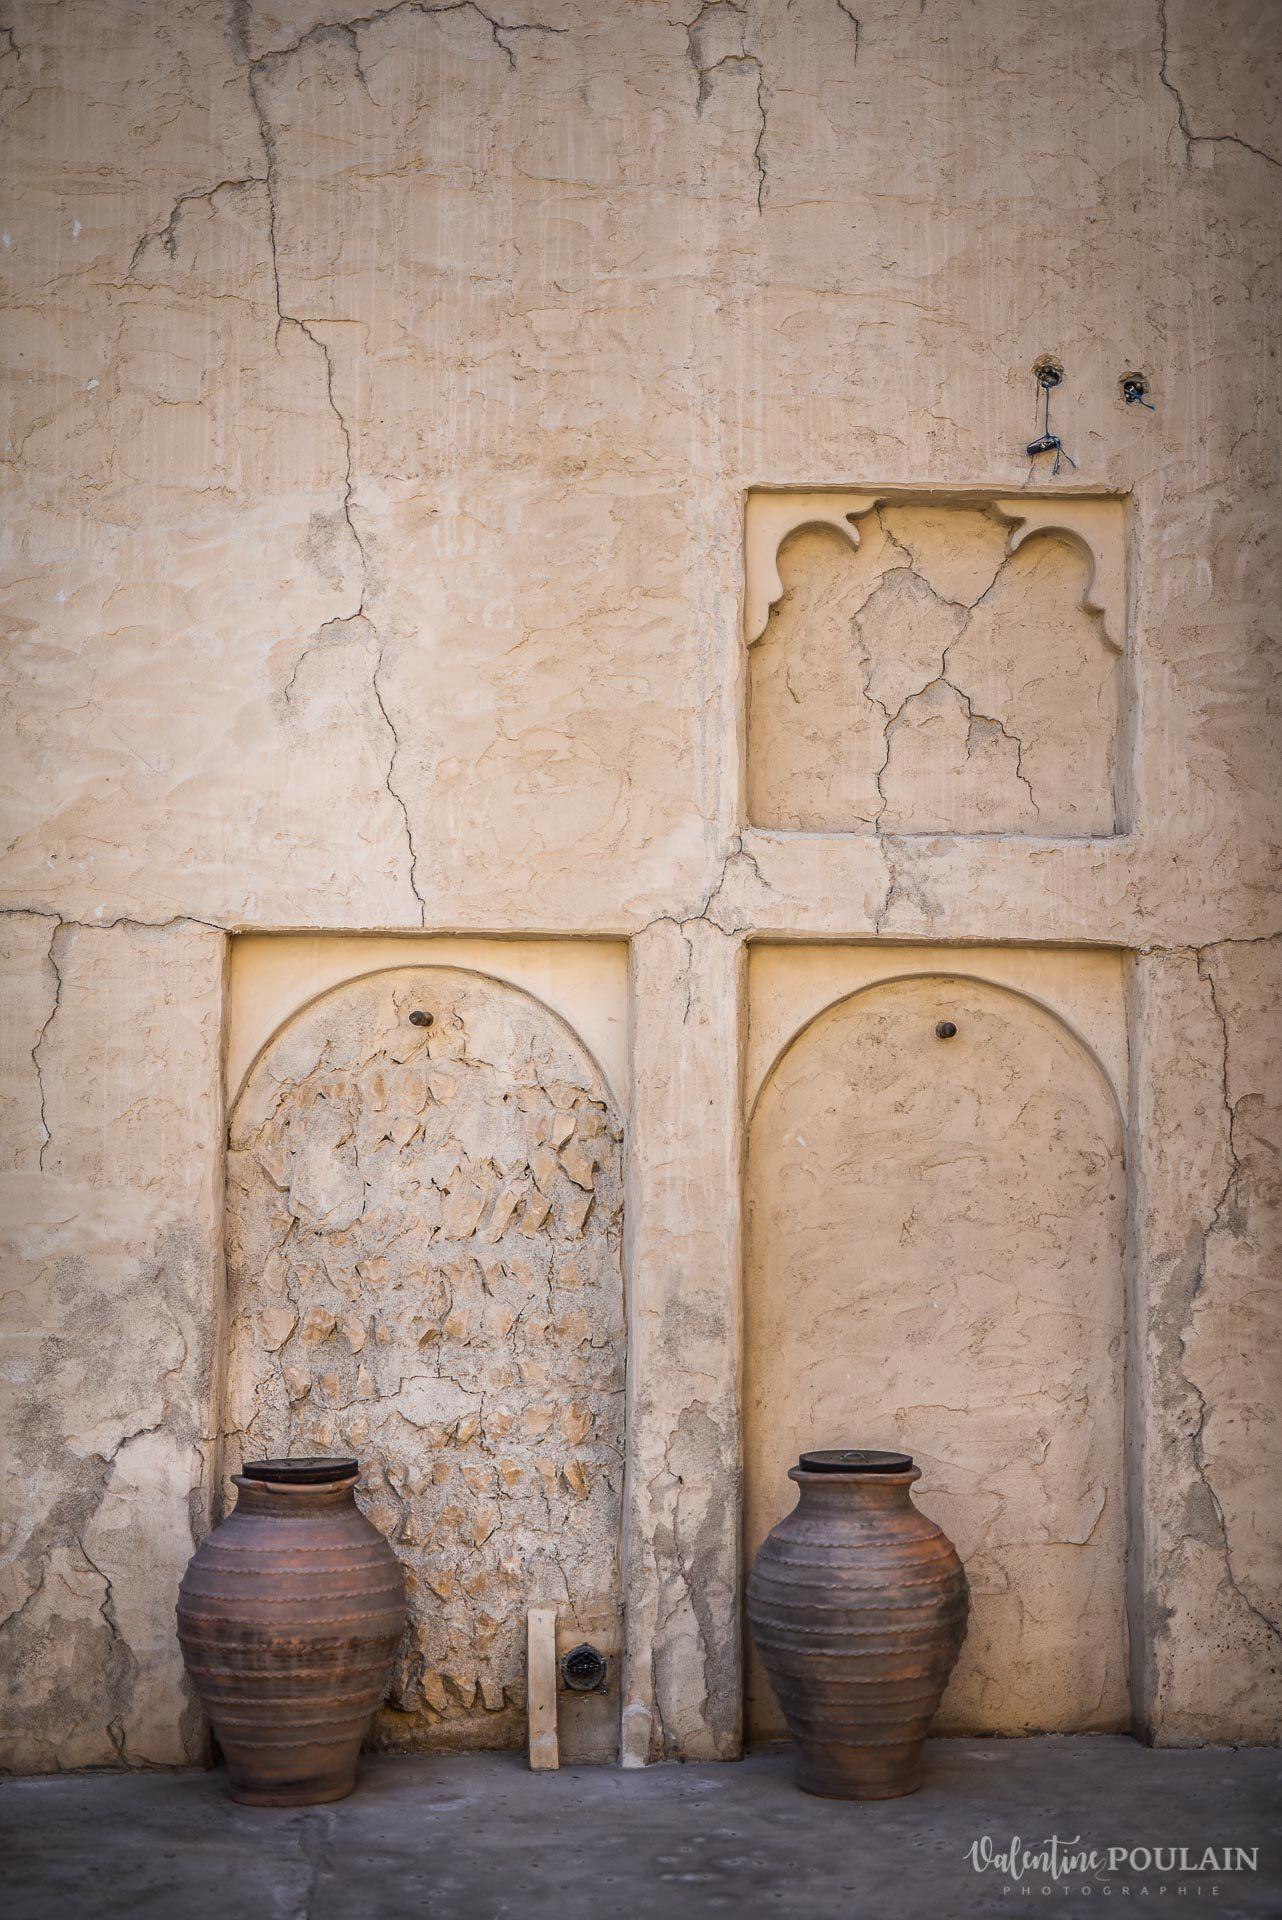 Dubaï Valentine Poulain façade